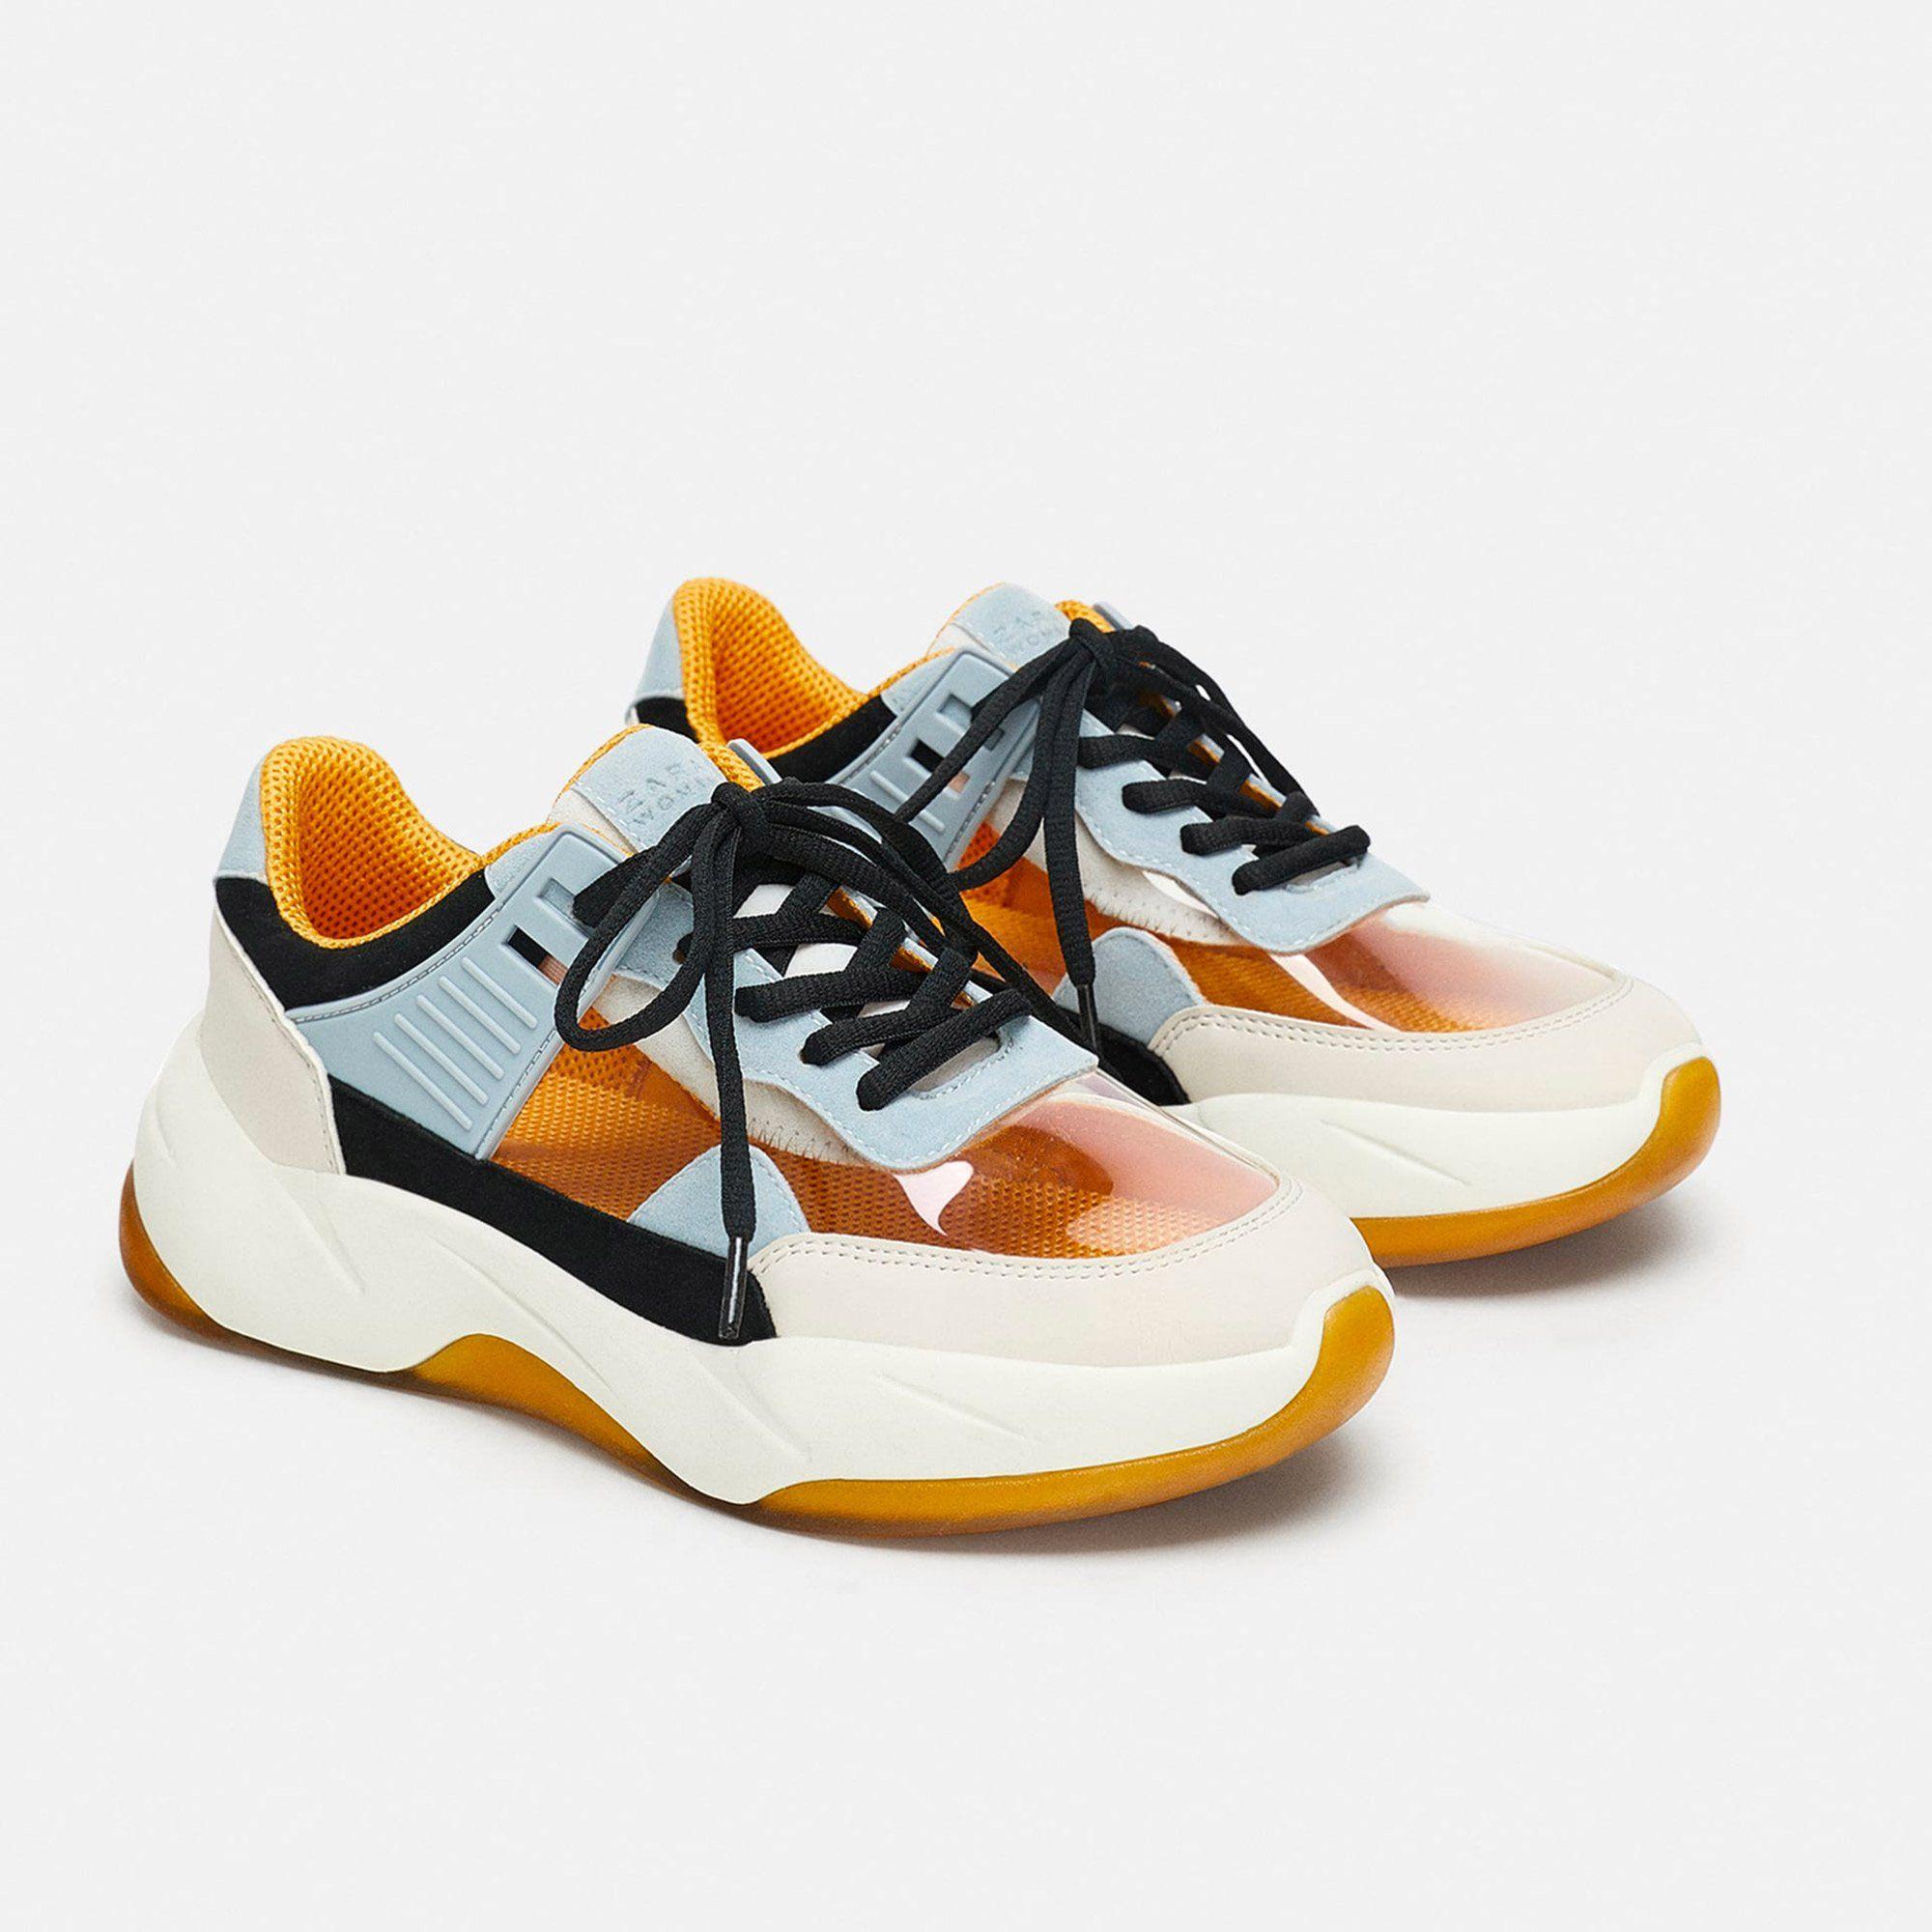 Épinglé sur Baskets et sneakers